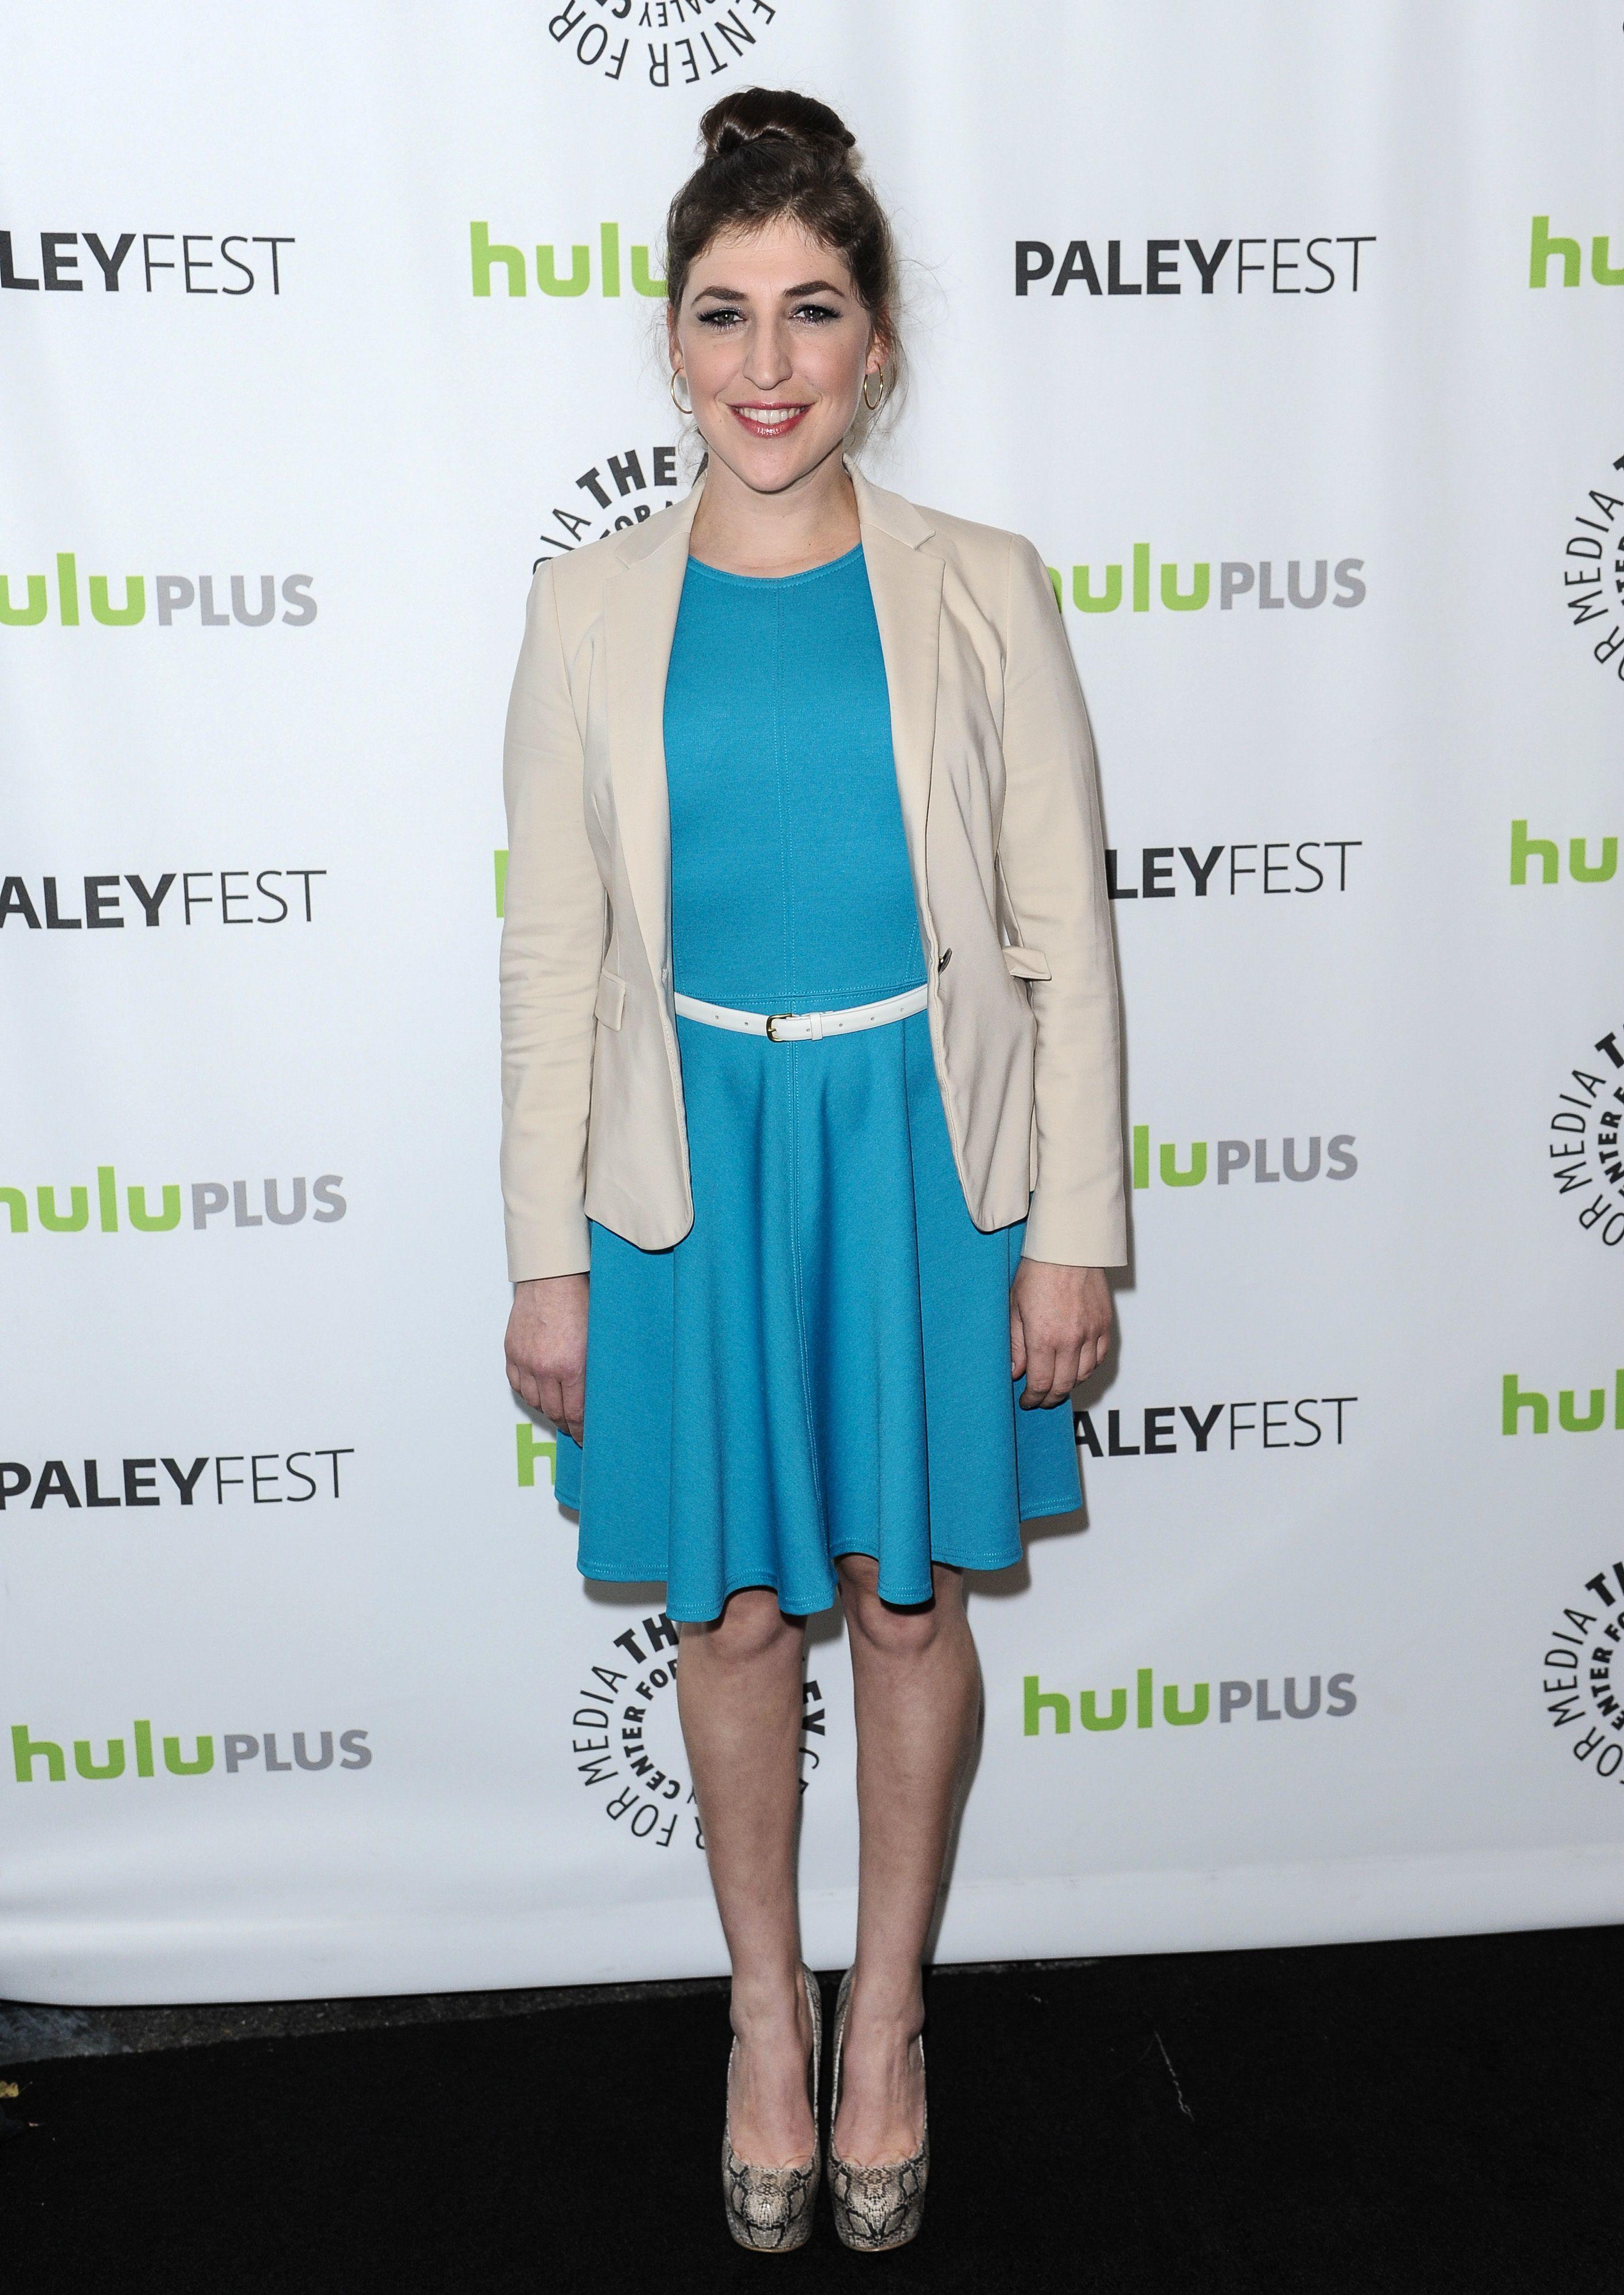 mayim bialik blue dress